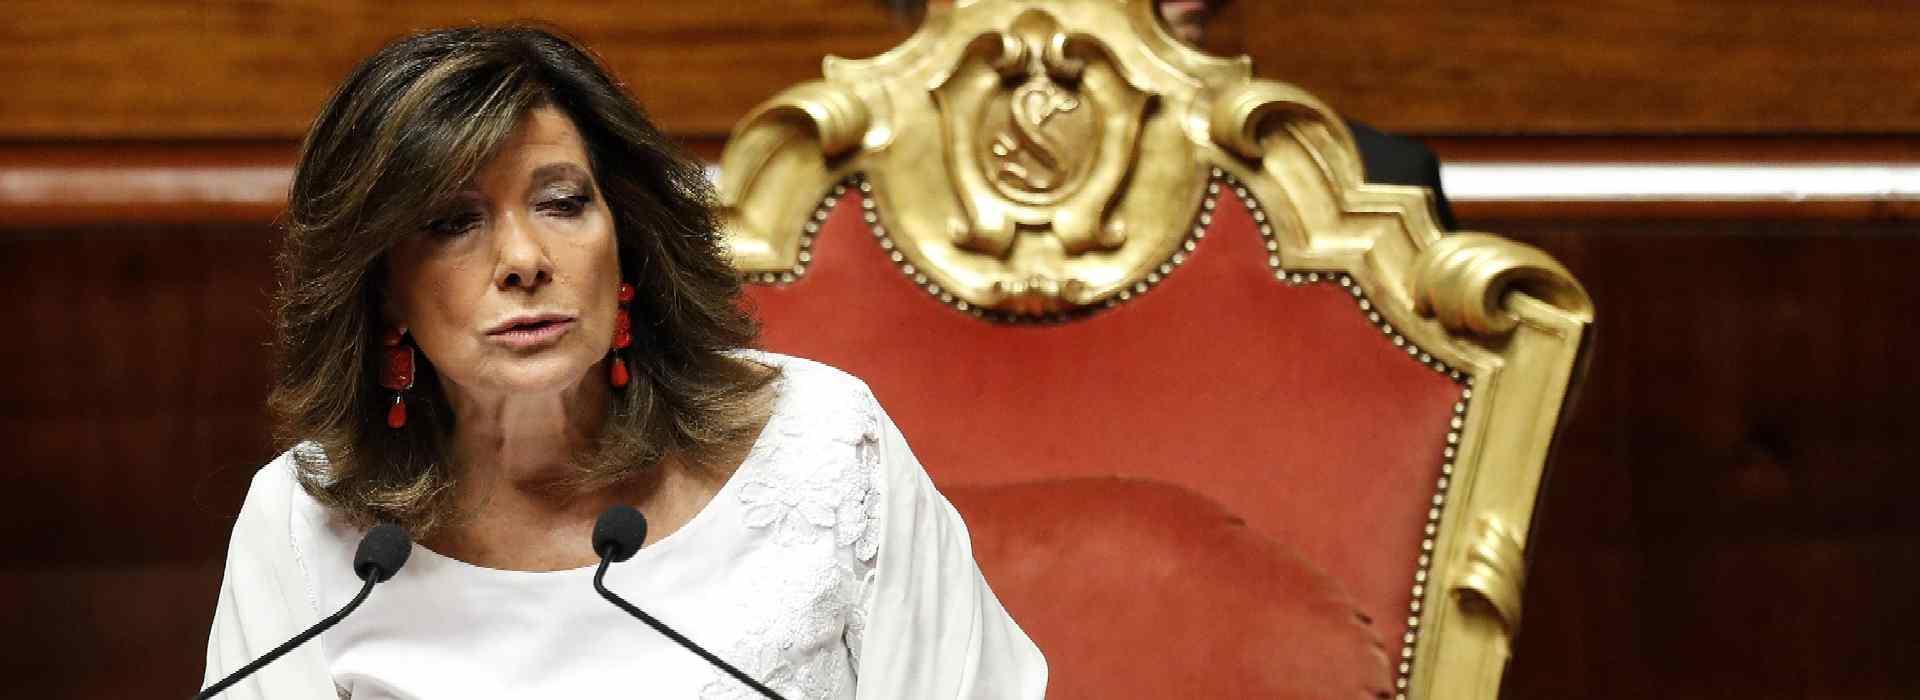 Caso Del Turco: l'ultima farabuttata della presidenza del Senato